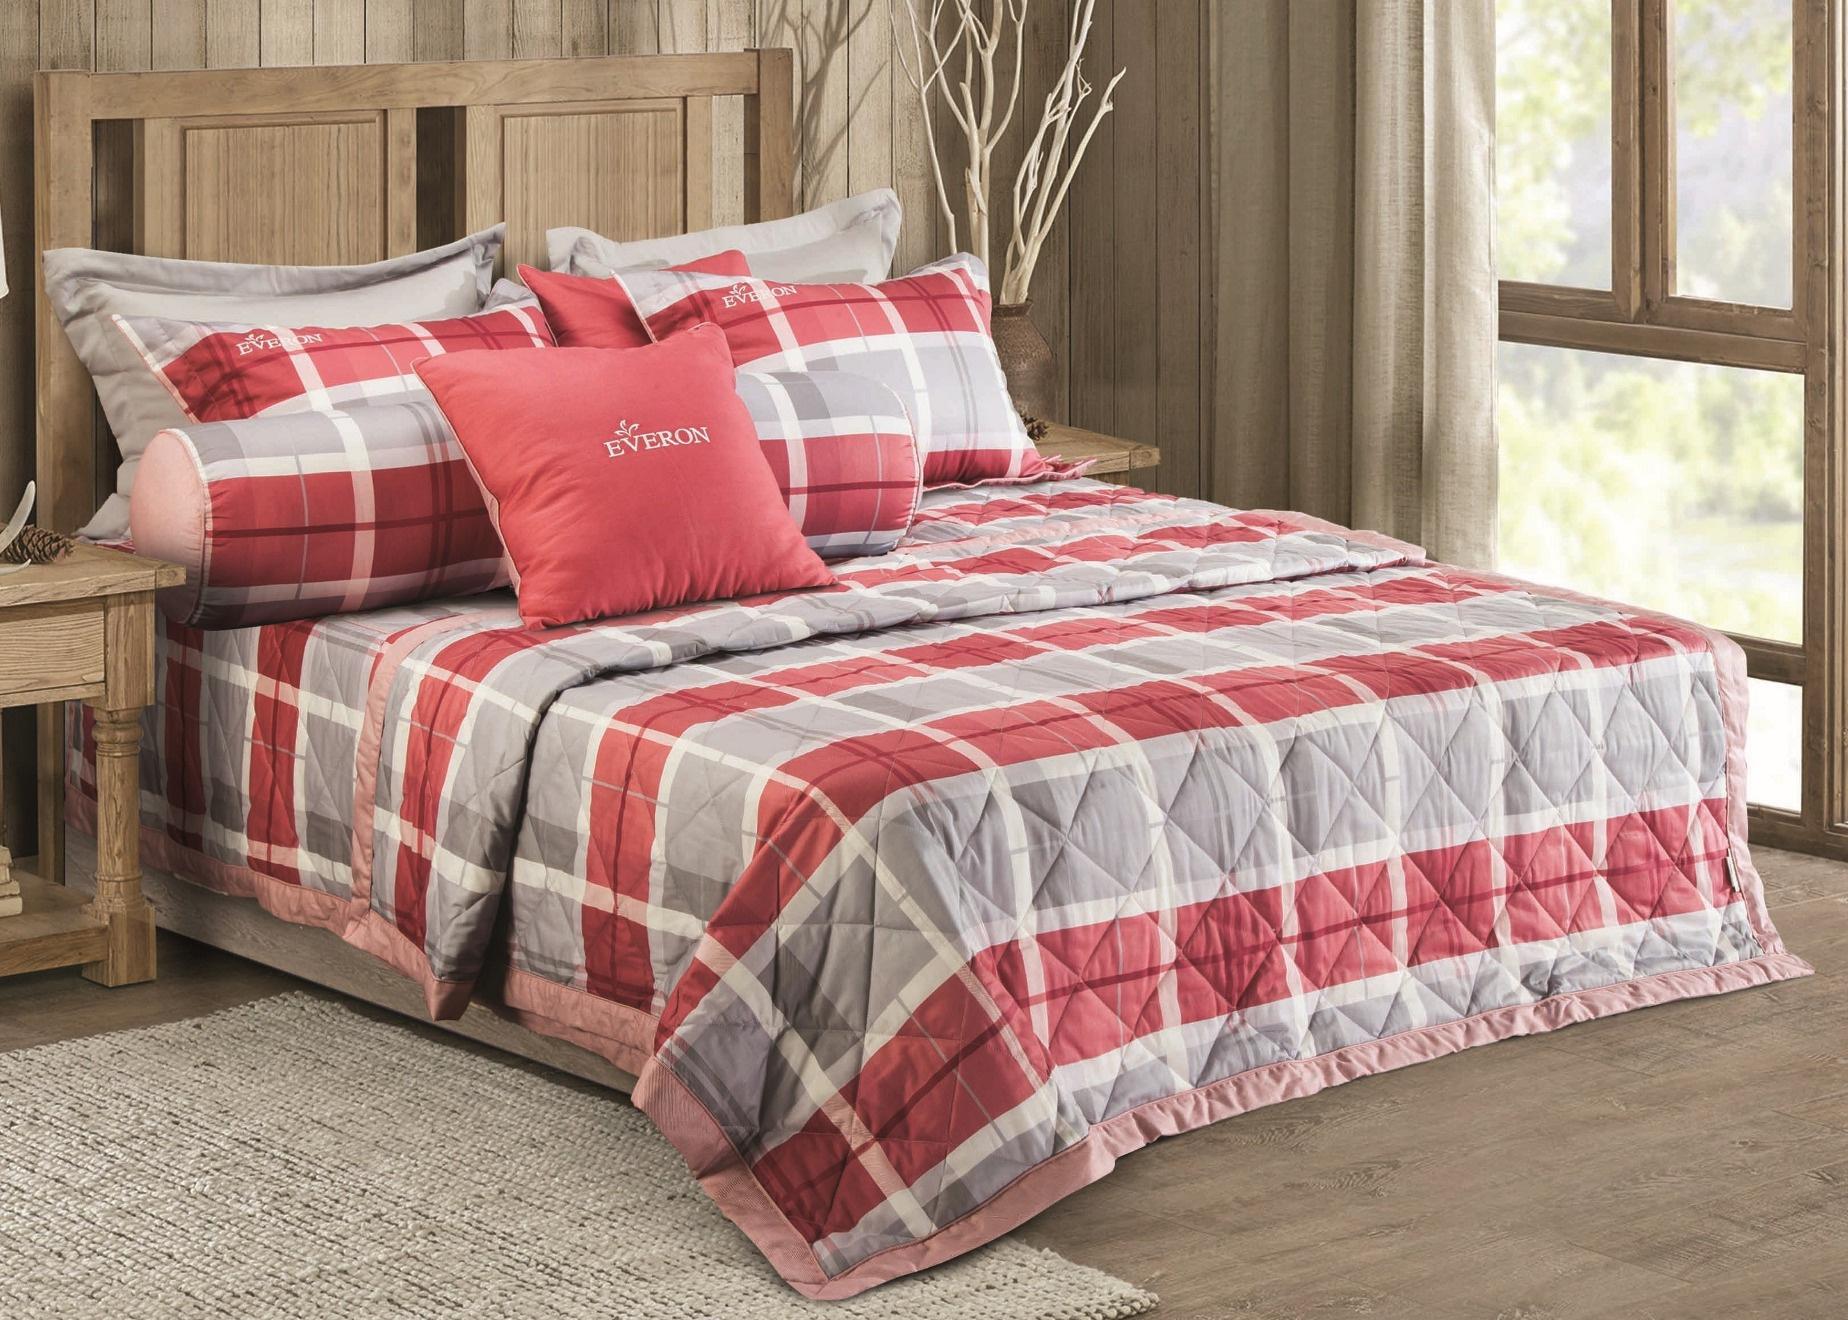 Những bộ chăn ga gối nệm bền đẹp dành cho gia đình - Đồ dùng phòng ngủ -  Thuvienmuasam.com